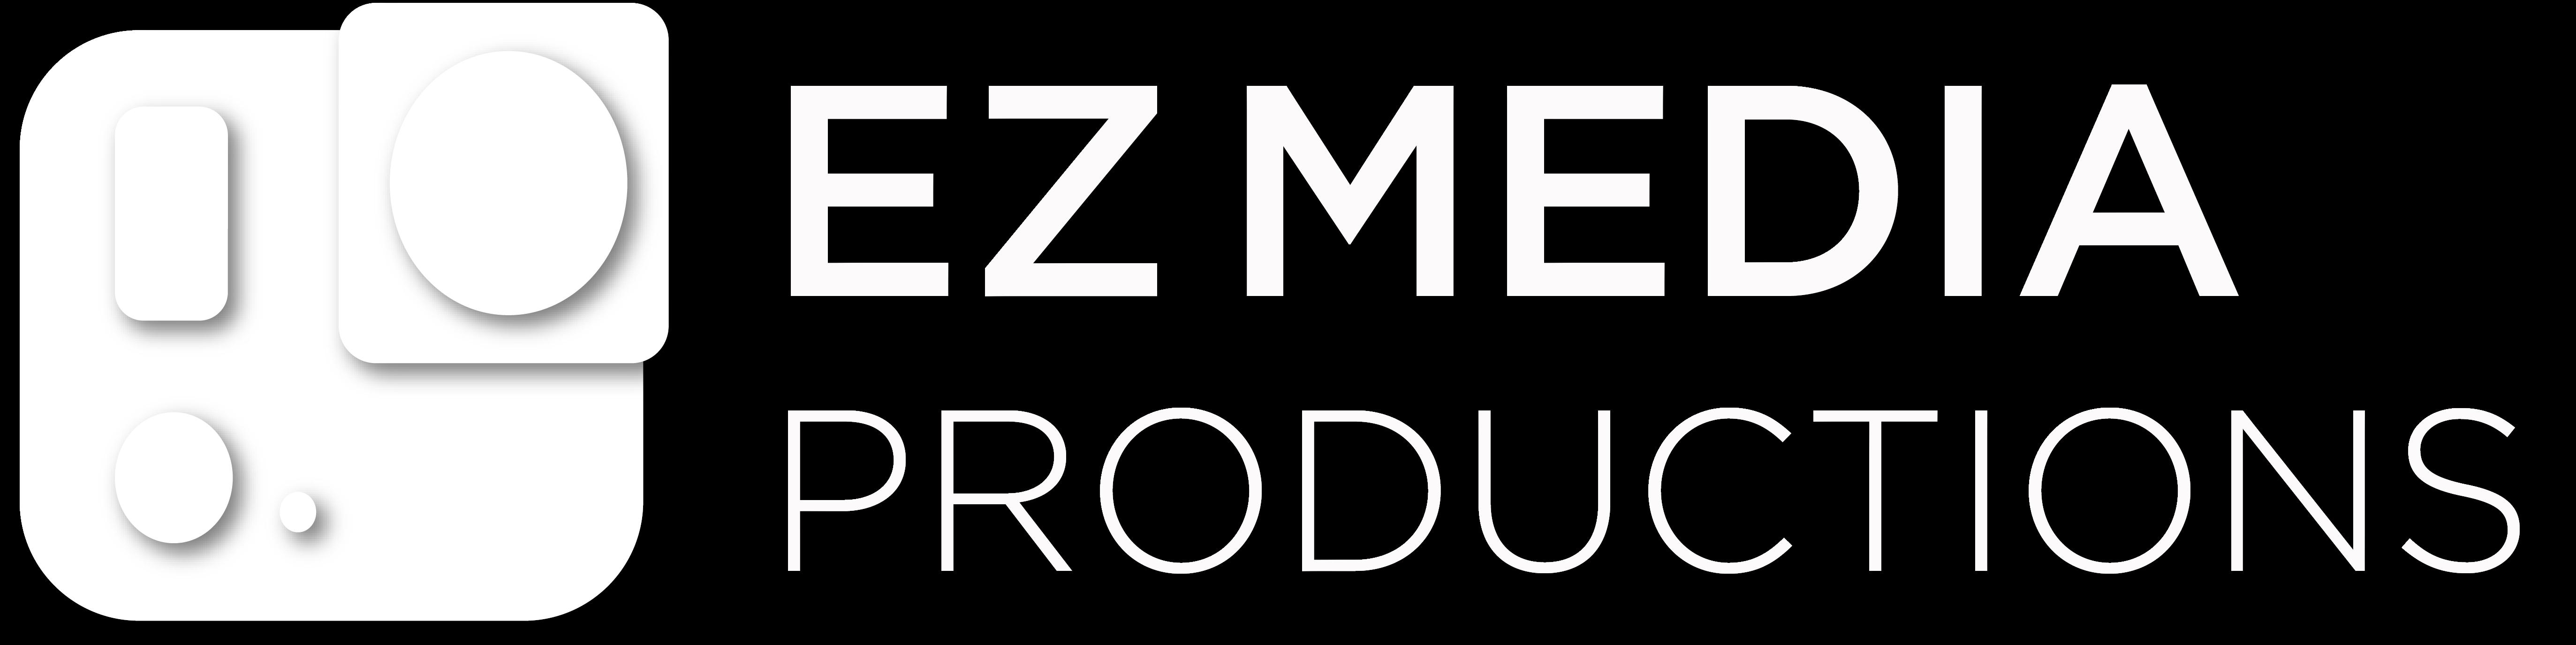 EZ MEDIA PRODUCTIONS